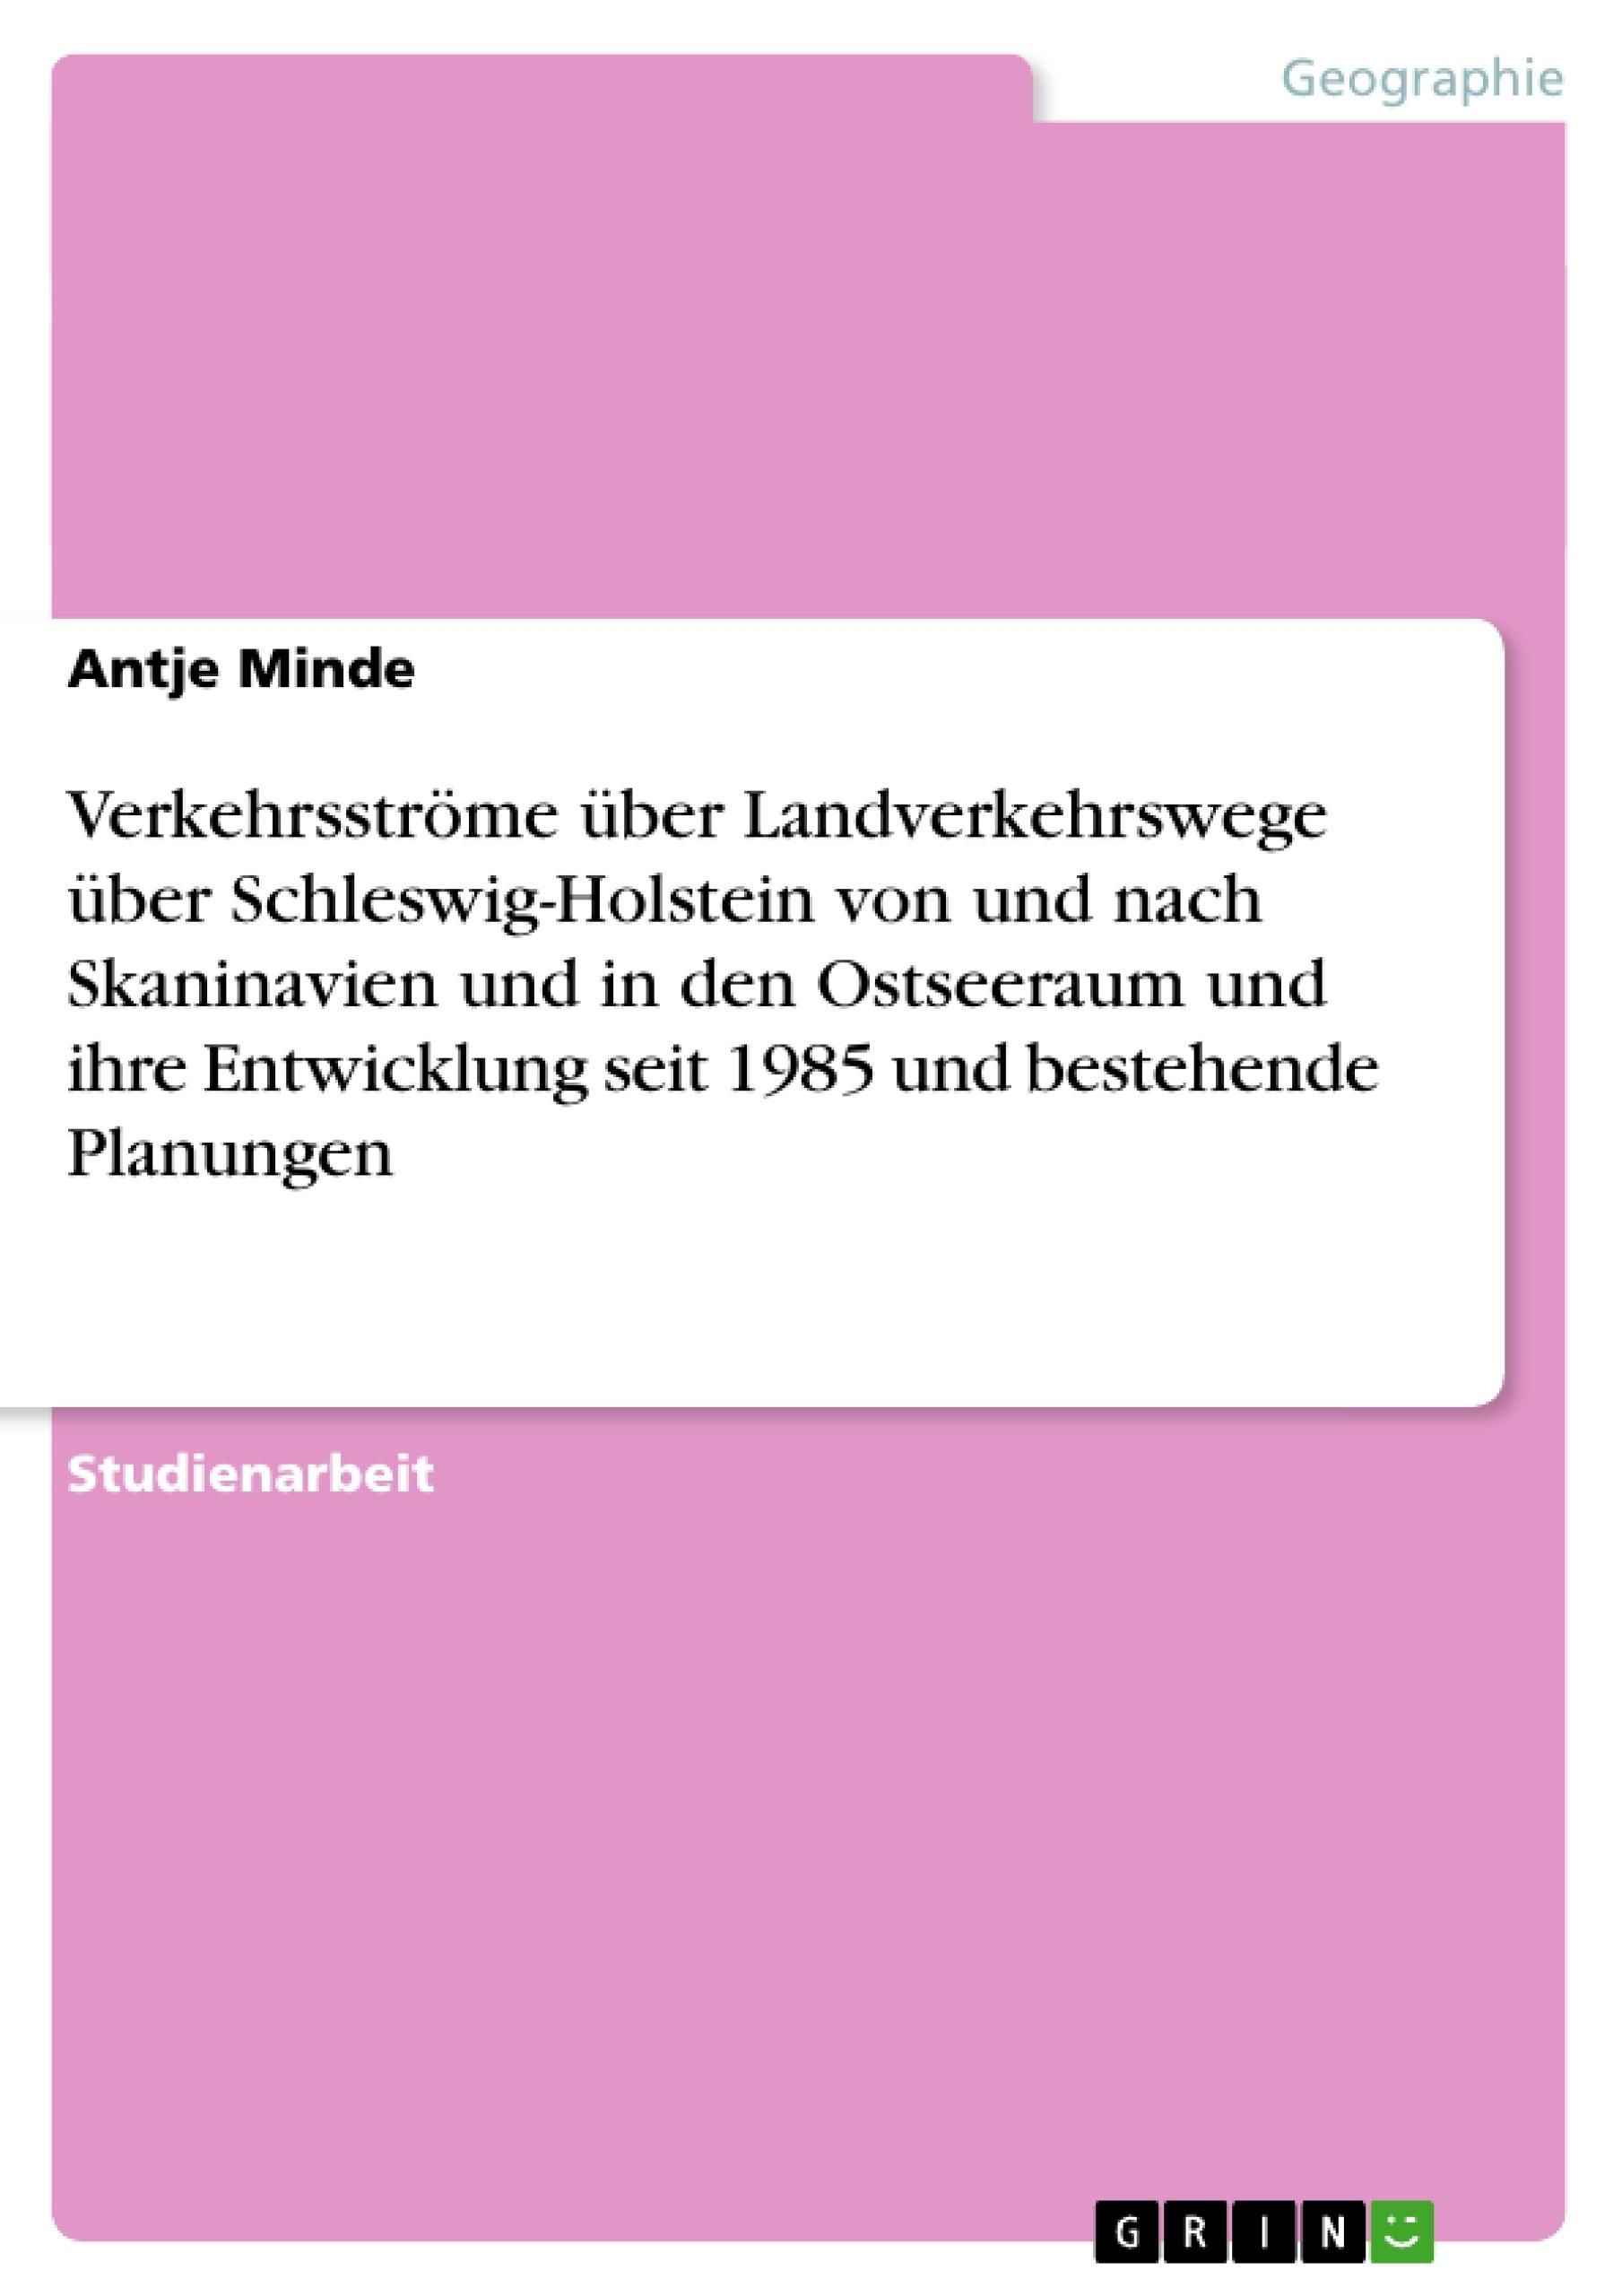 Titel: Verkehrsströme über Landverkehrswege über Schleswig-Holstein von und nach Skaninavien und in den Ostseeraum und ihre Entwicklung seit 1985 und bestehende Planungen